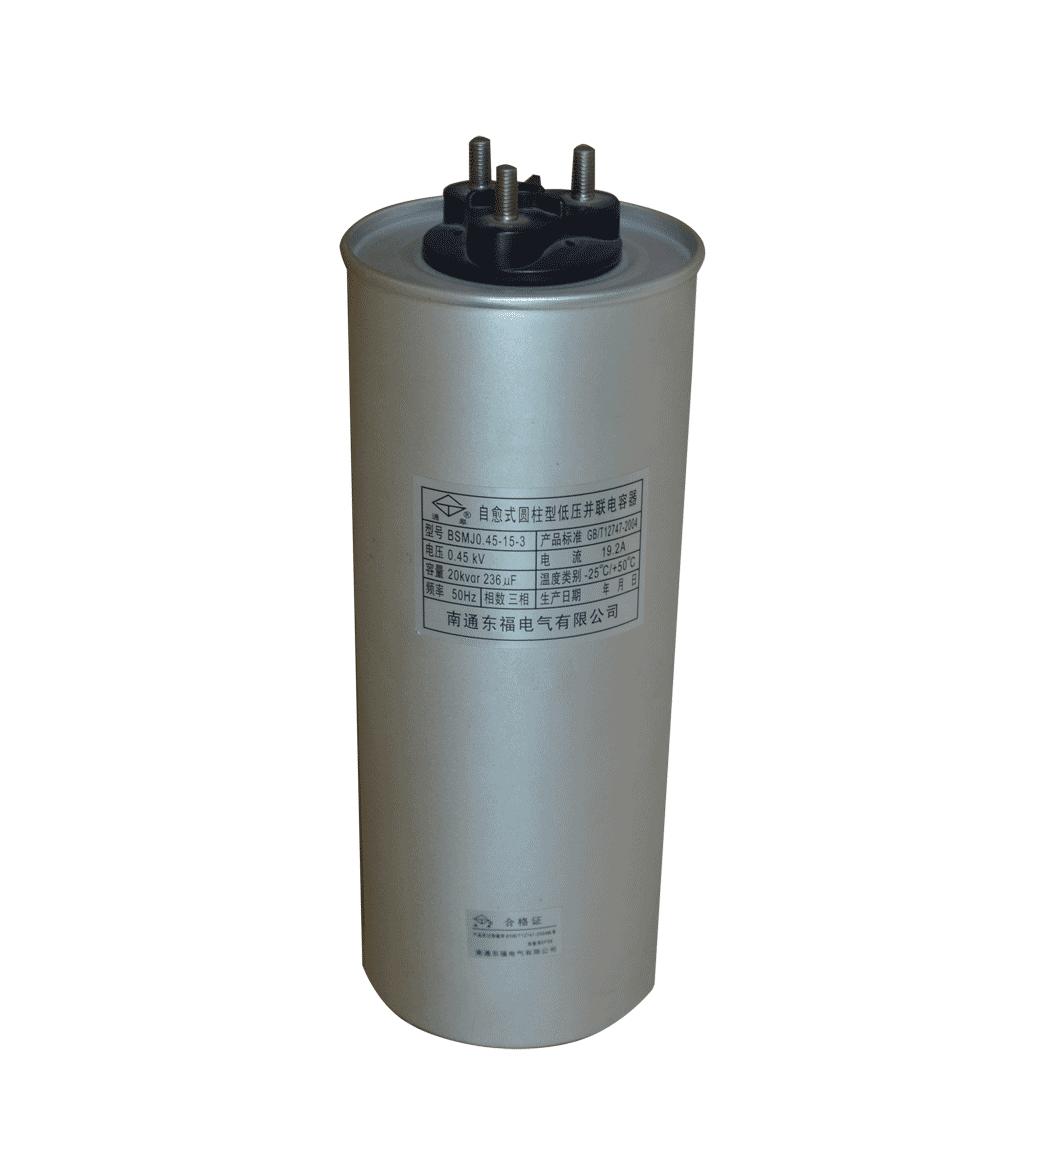 自愈式圆柱型低压并联电容器